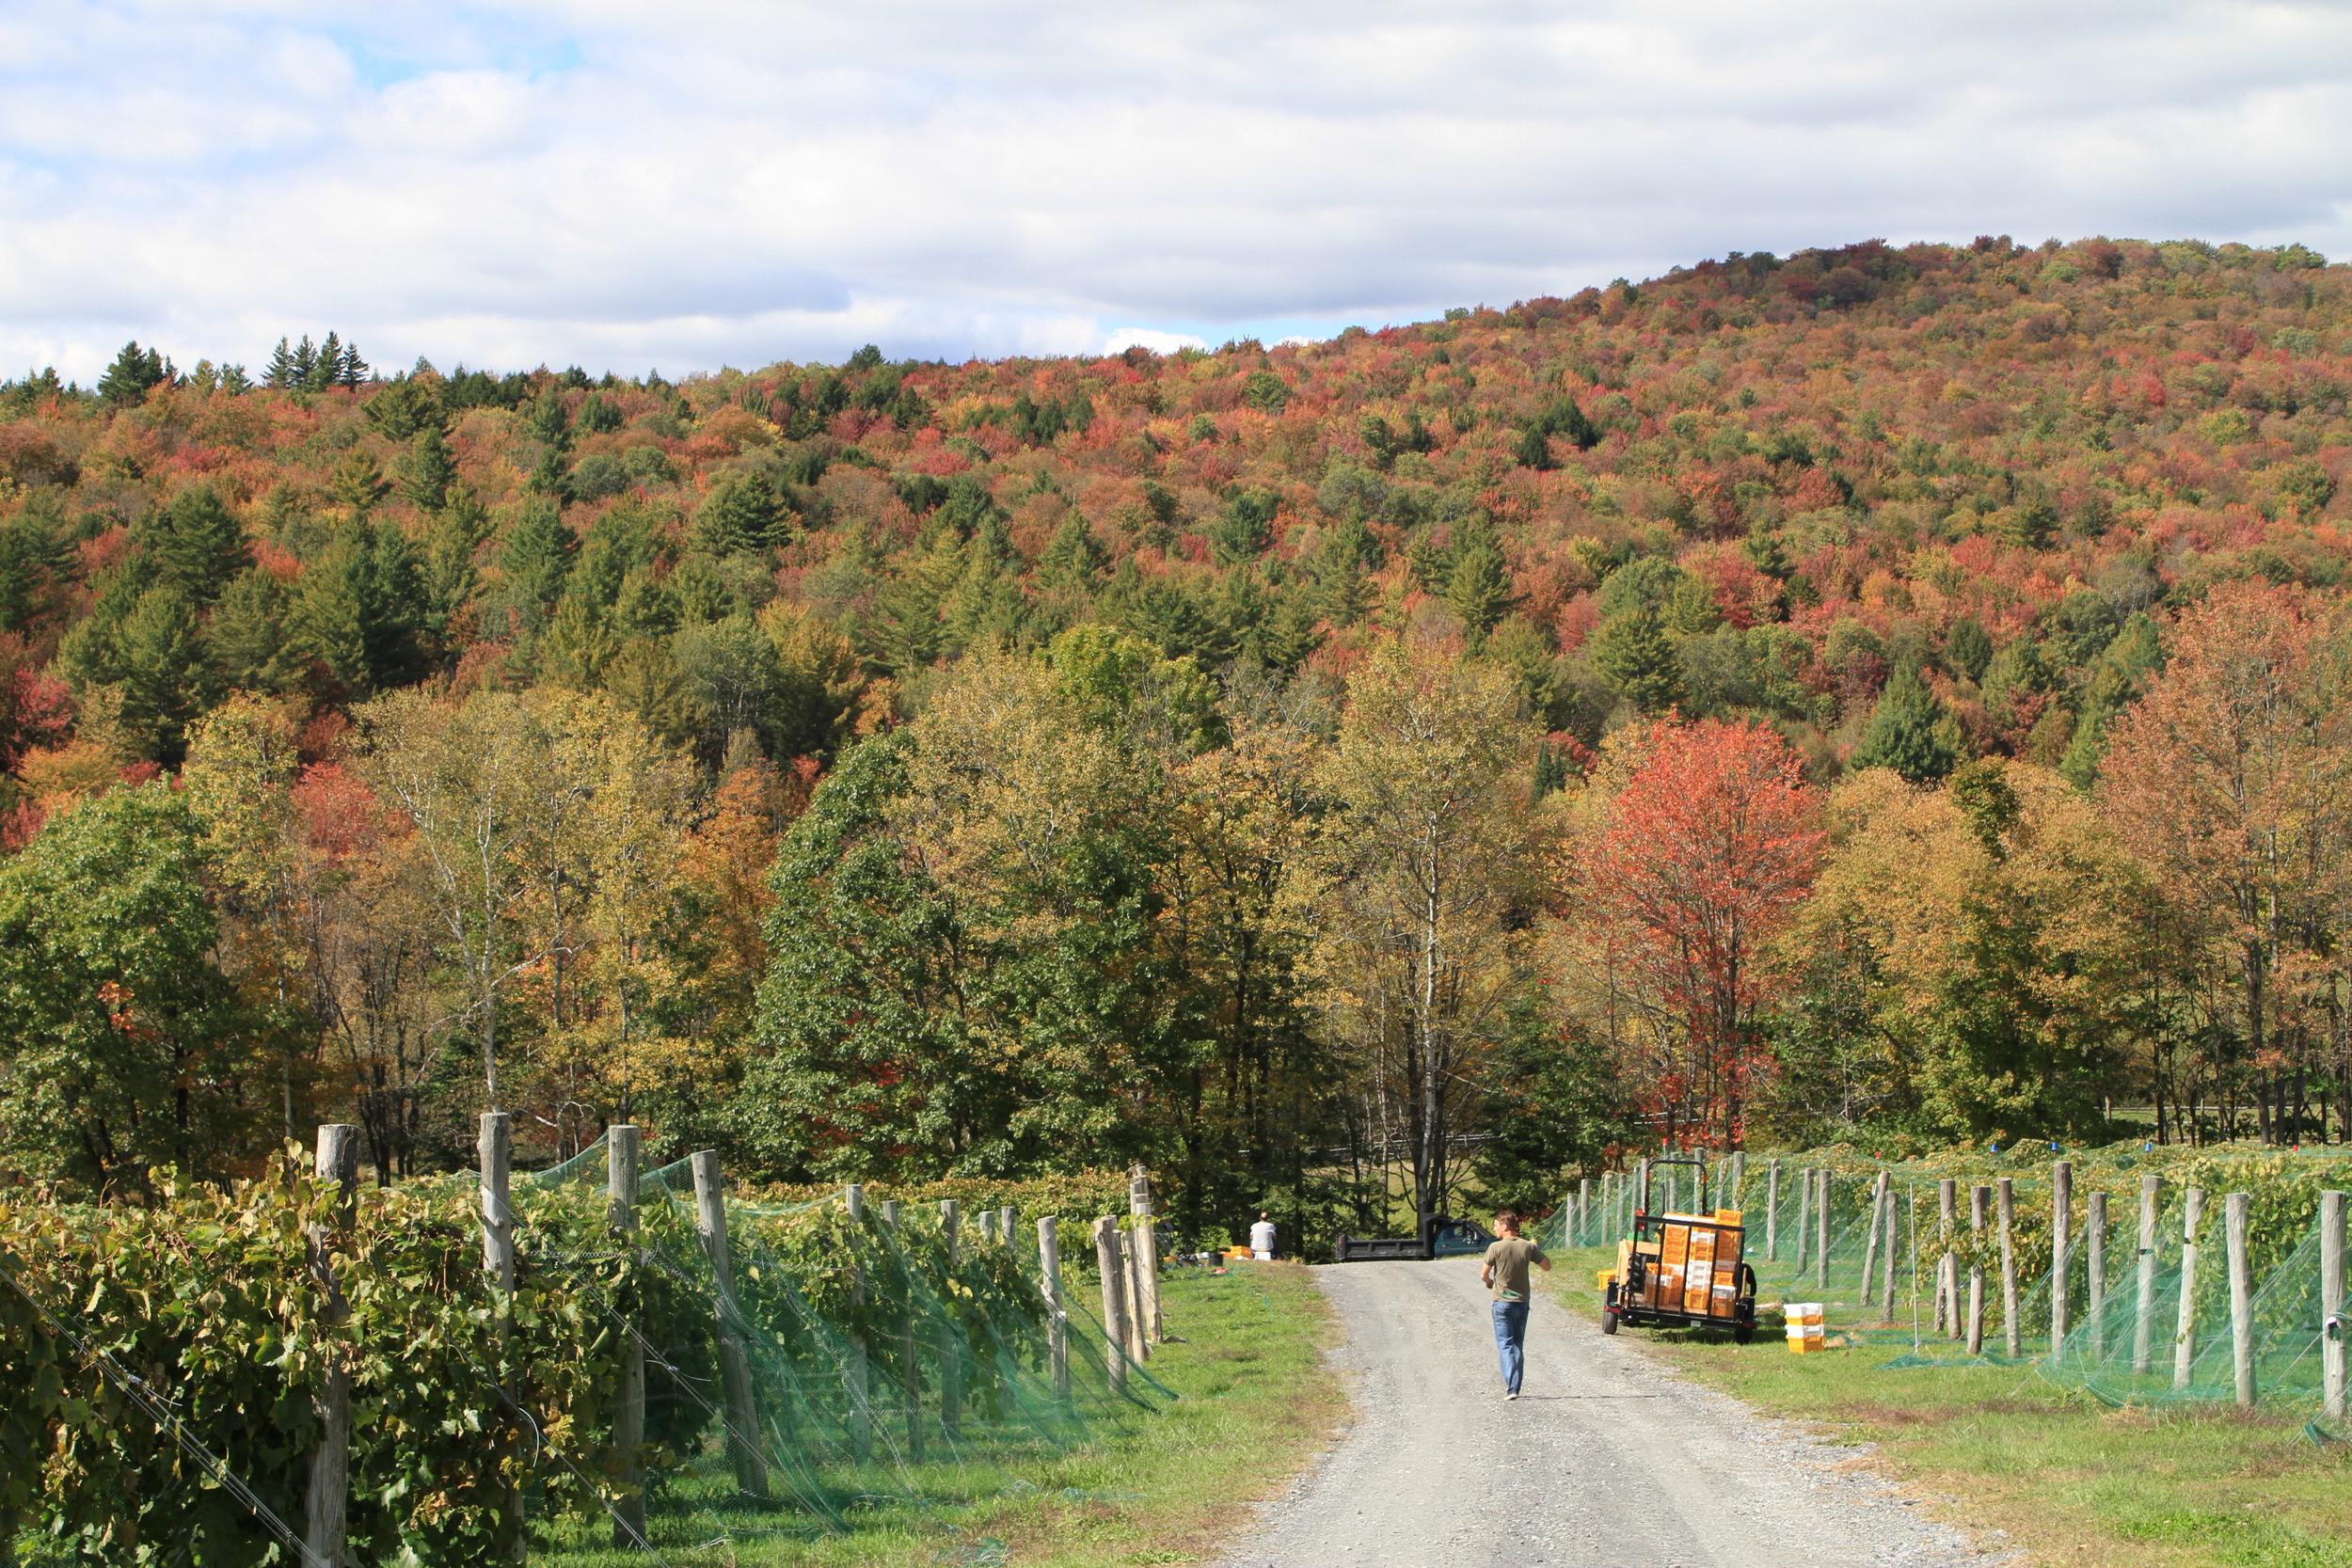 Vermont Vineyards Mean Vermont Foliage